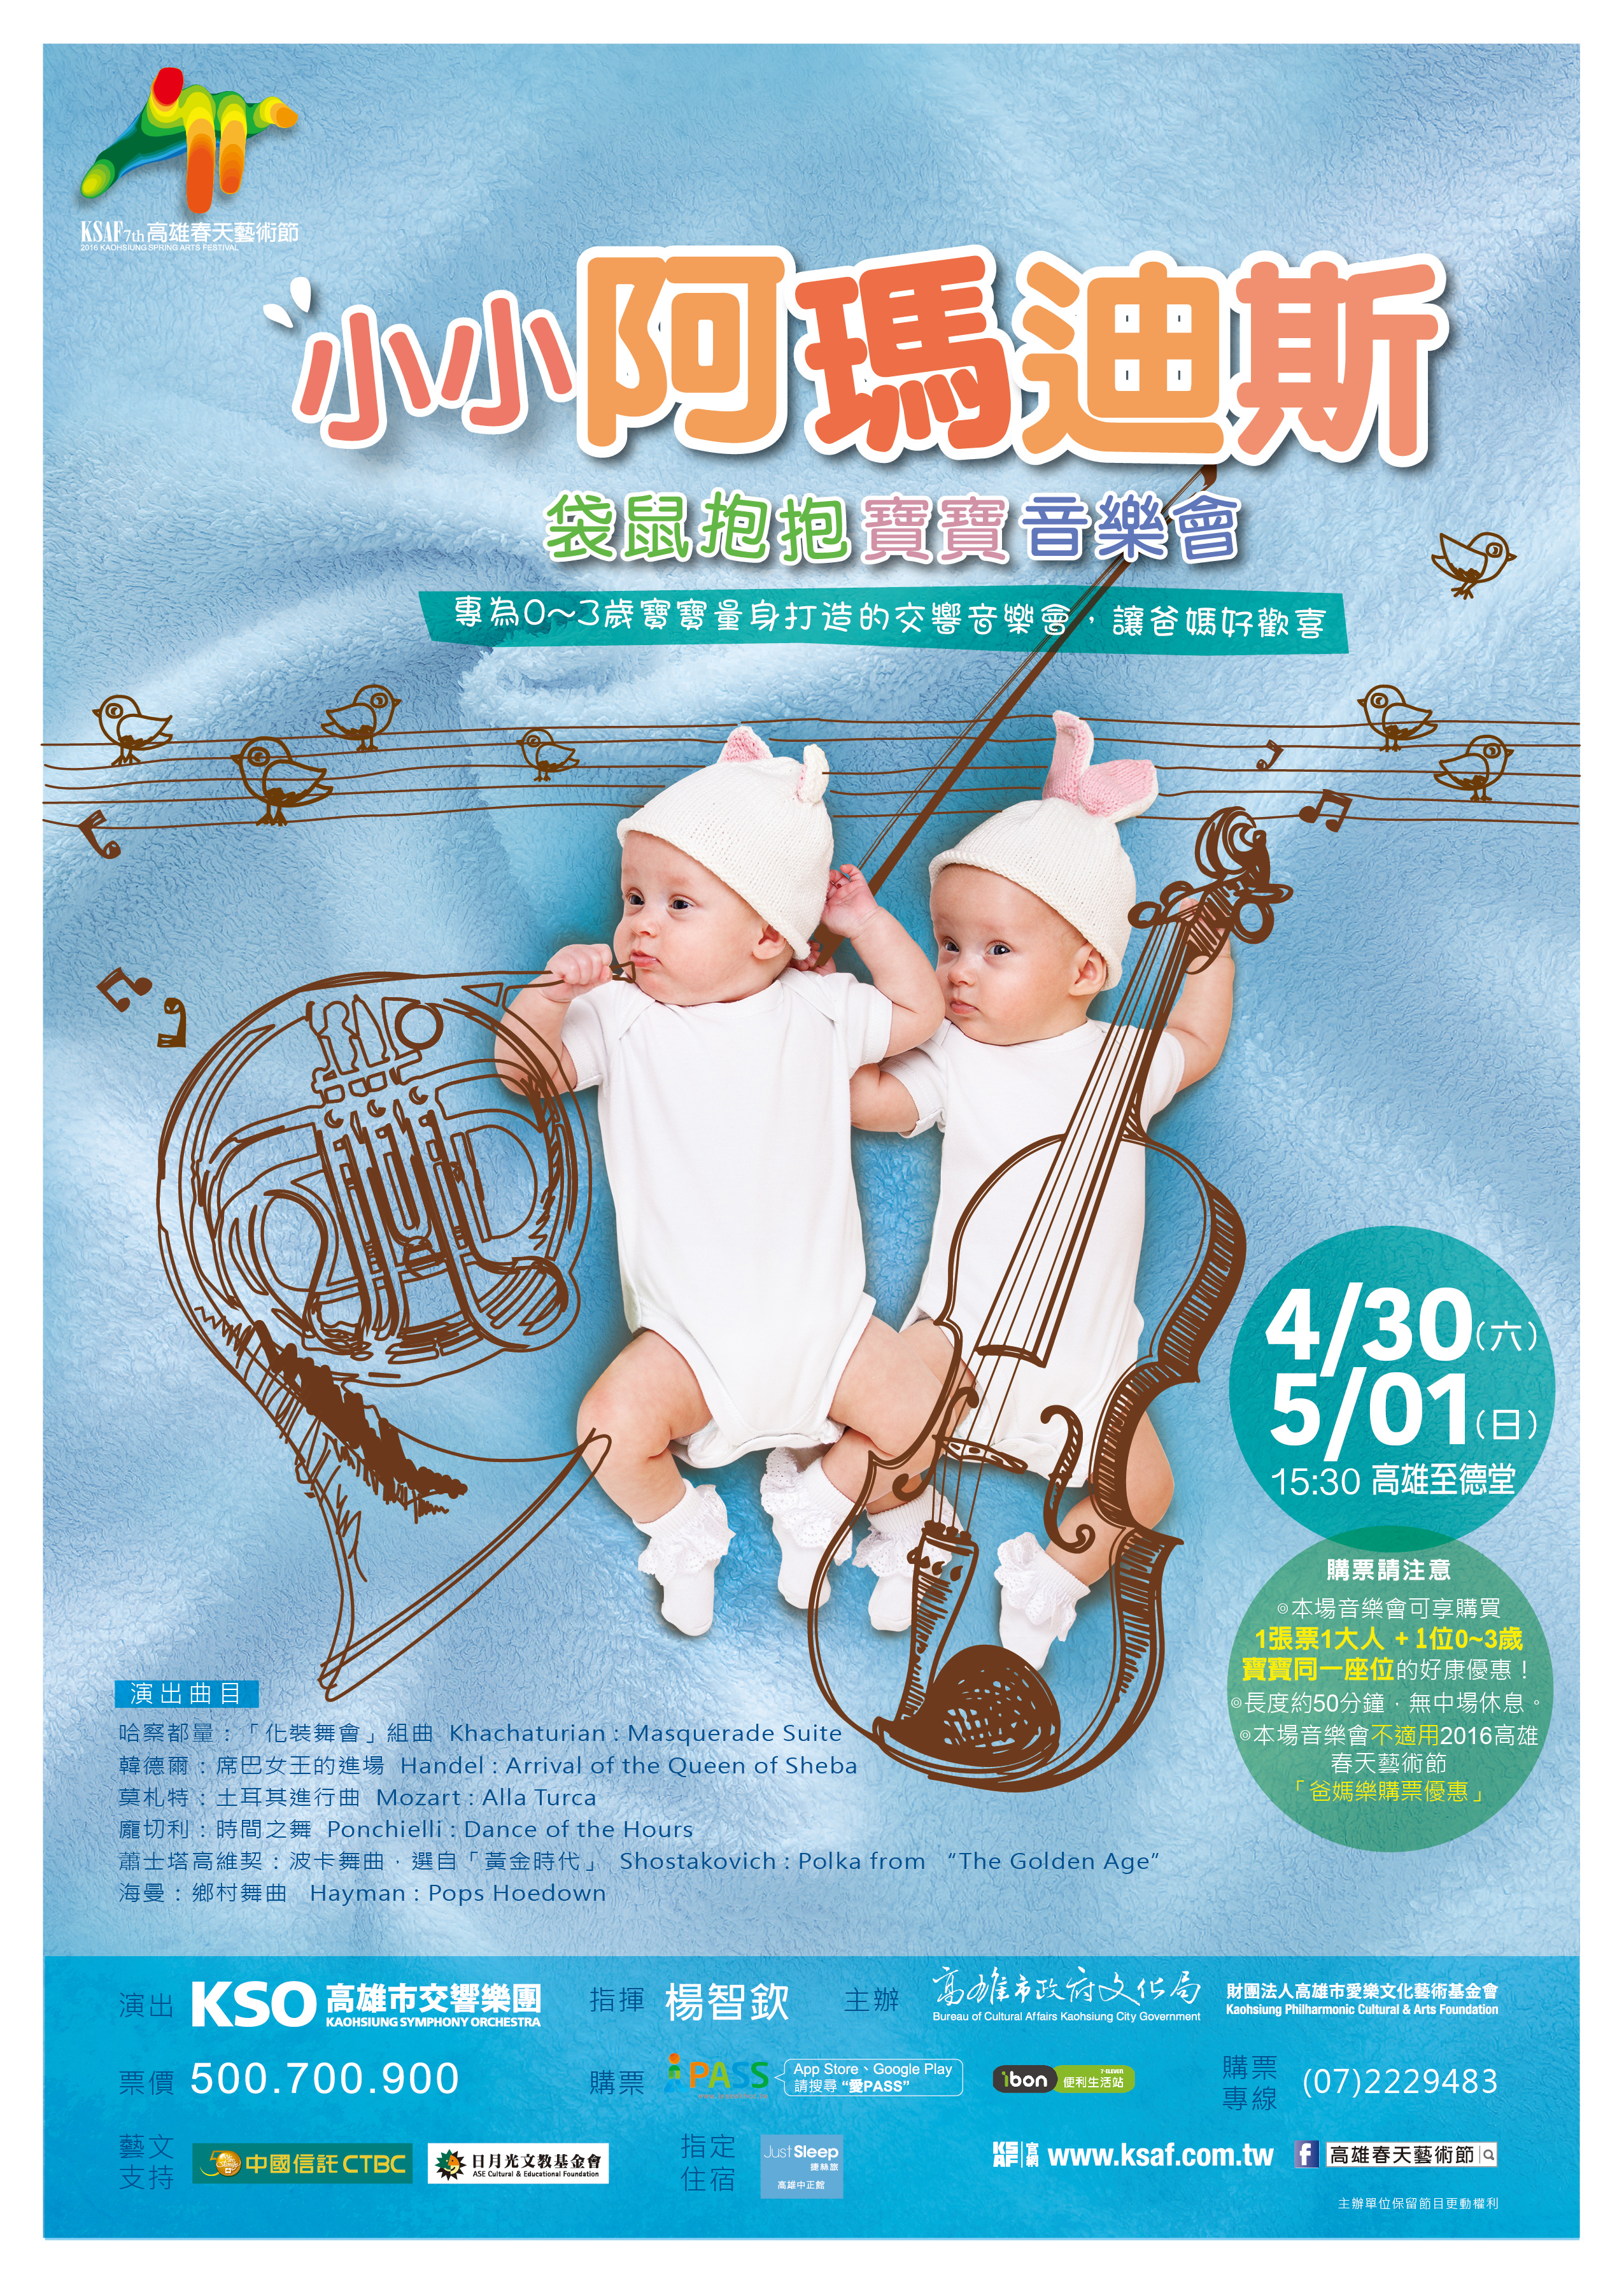 2016高雄春天藝術節/小小阿馬提斯